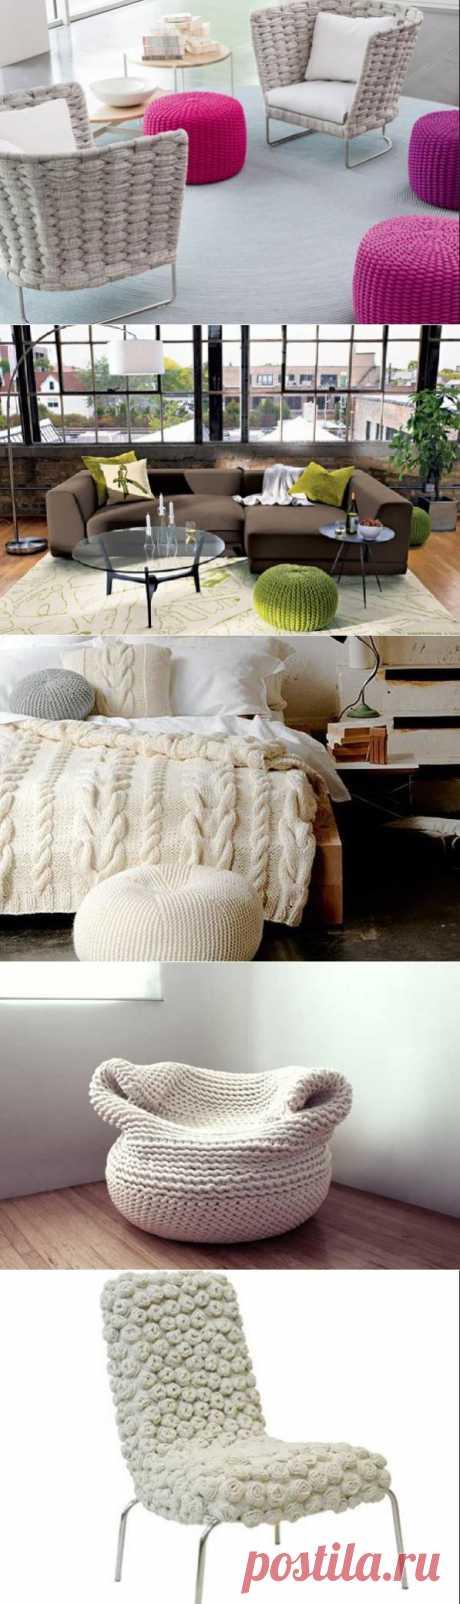 Спицы и нитки ‒ удивительный способ обновить мебель и декор   Самоделкино